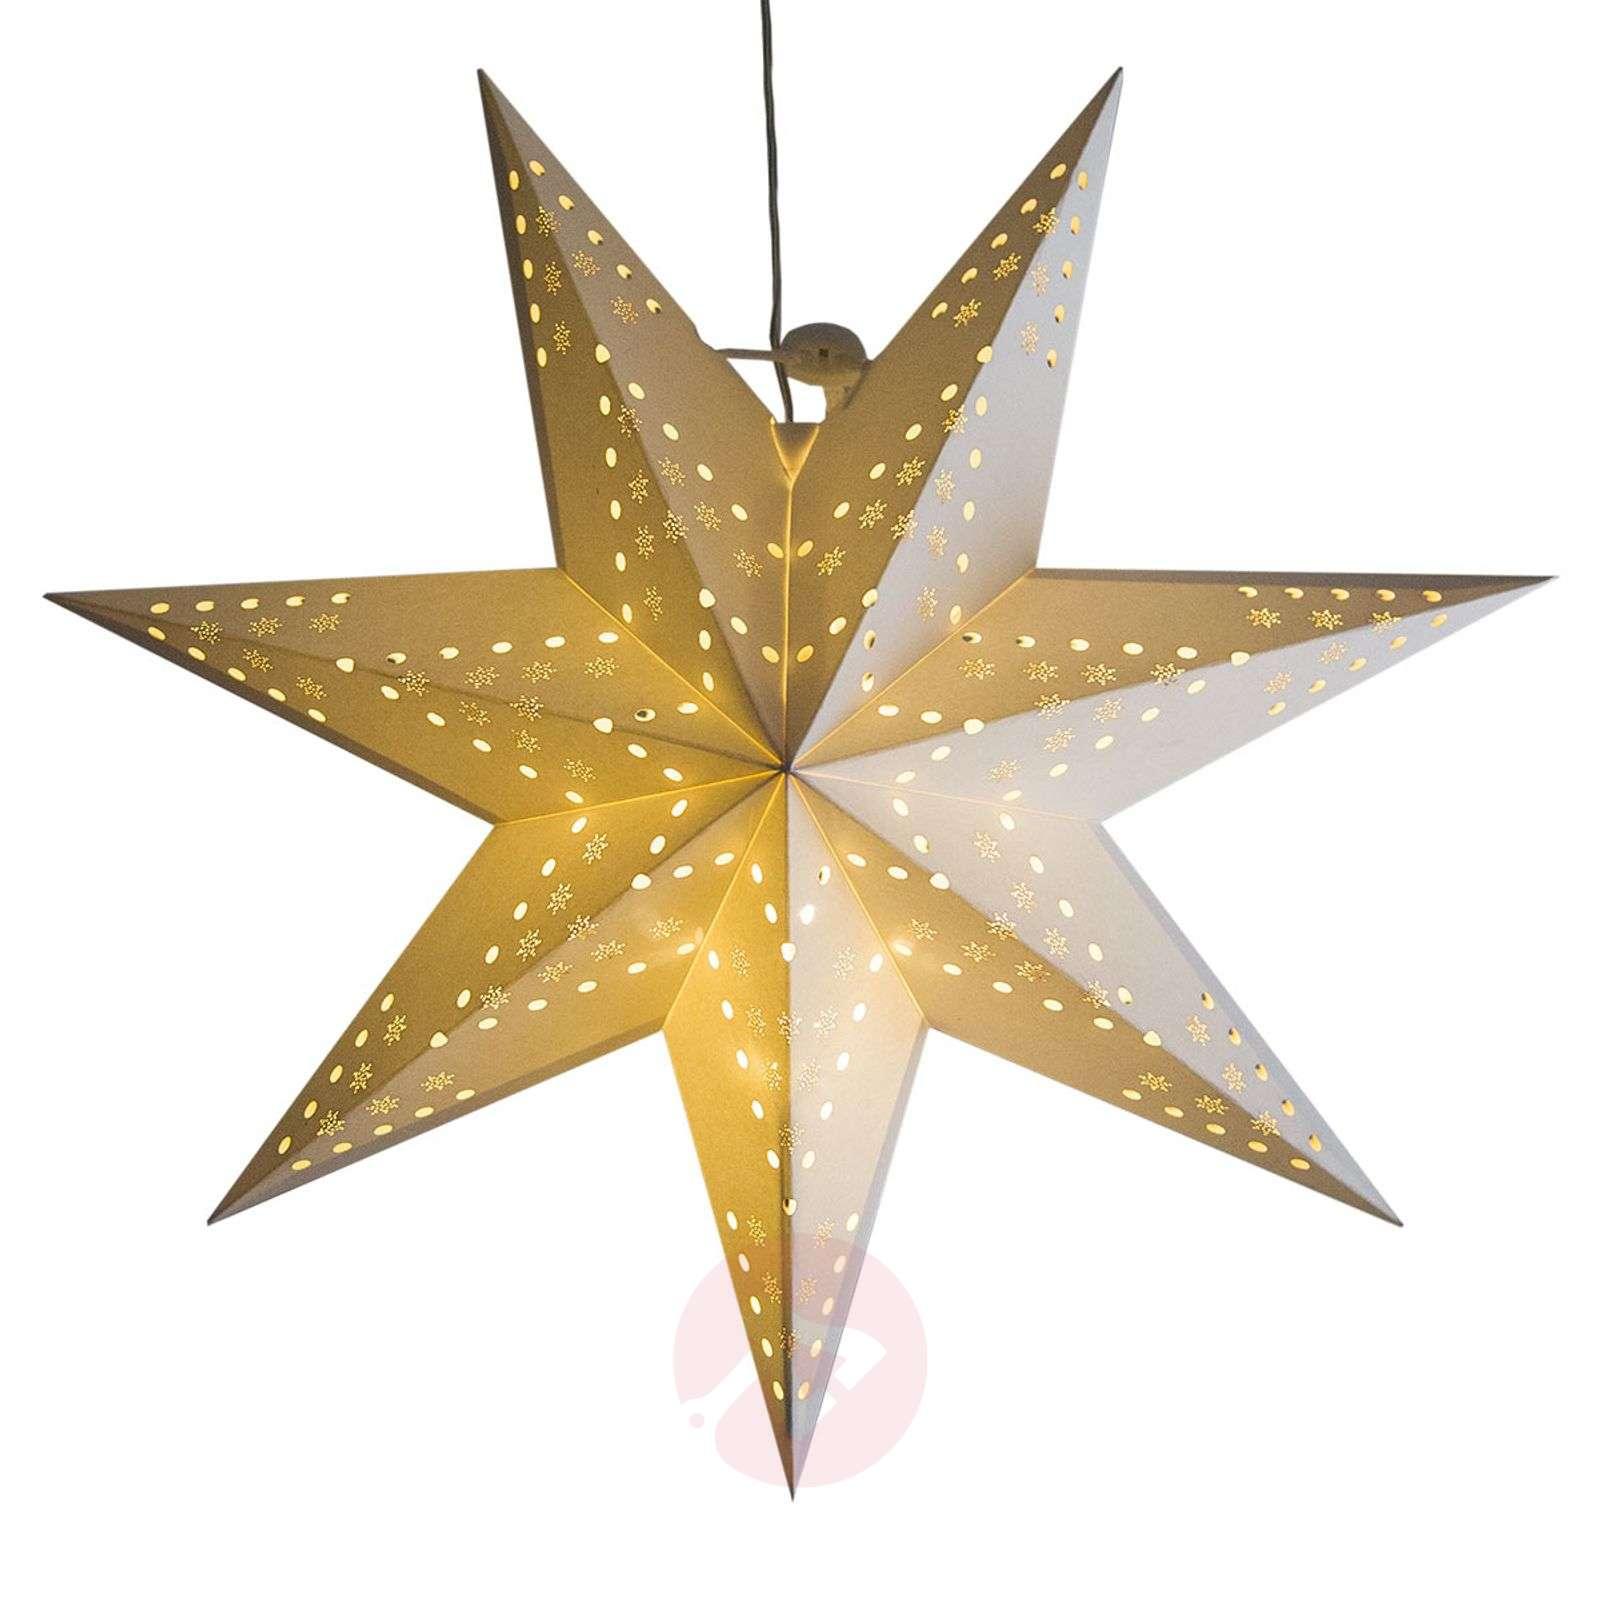 LED-roikkuva tähti Cellcandle valk. hiutalekuvio-1523432-01